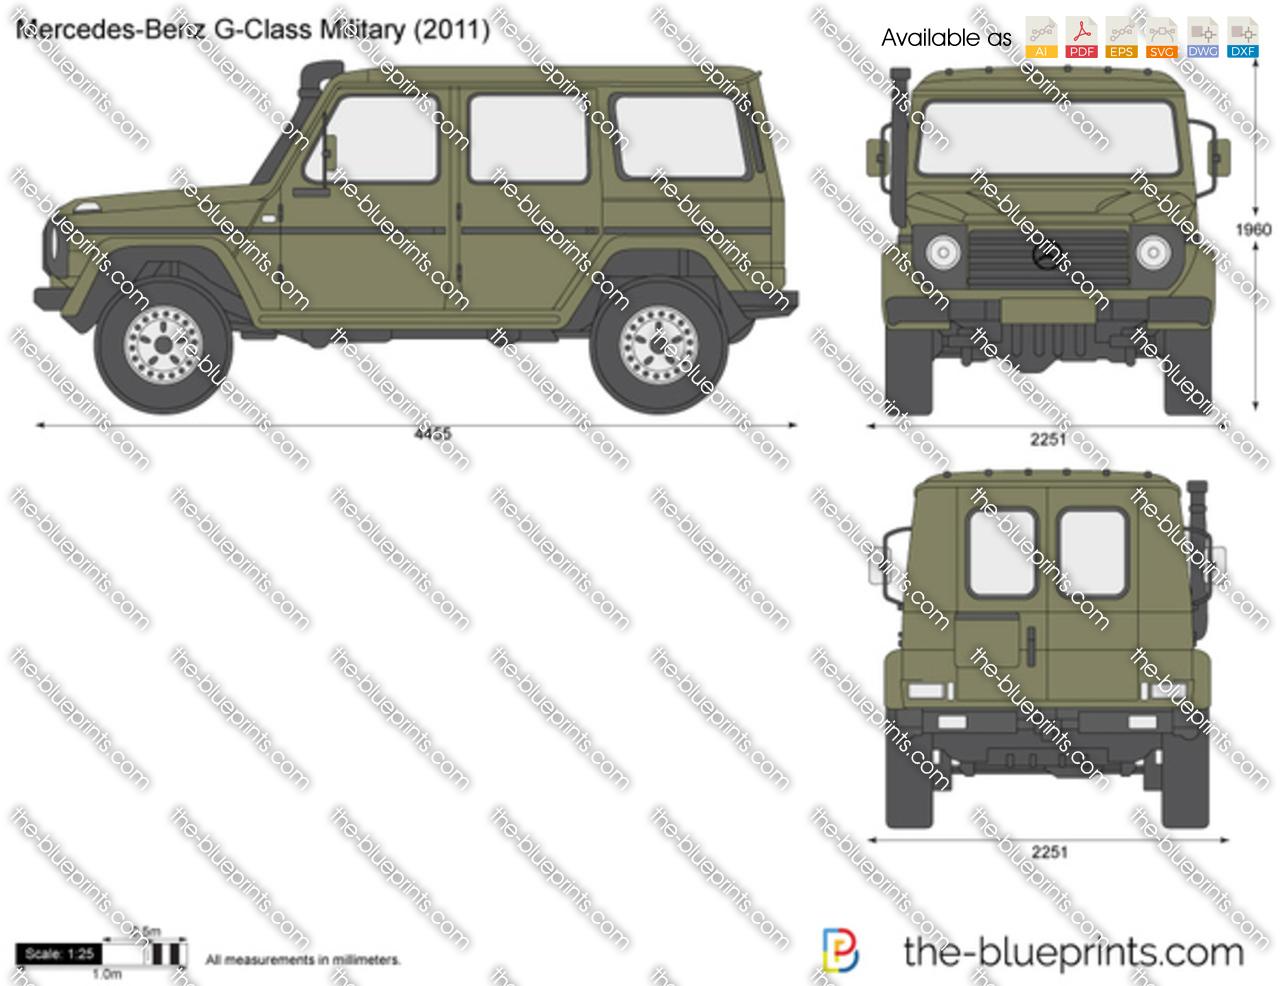 Mercedes-Benz G-Class Military 461 1990